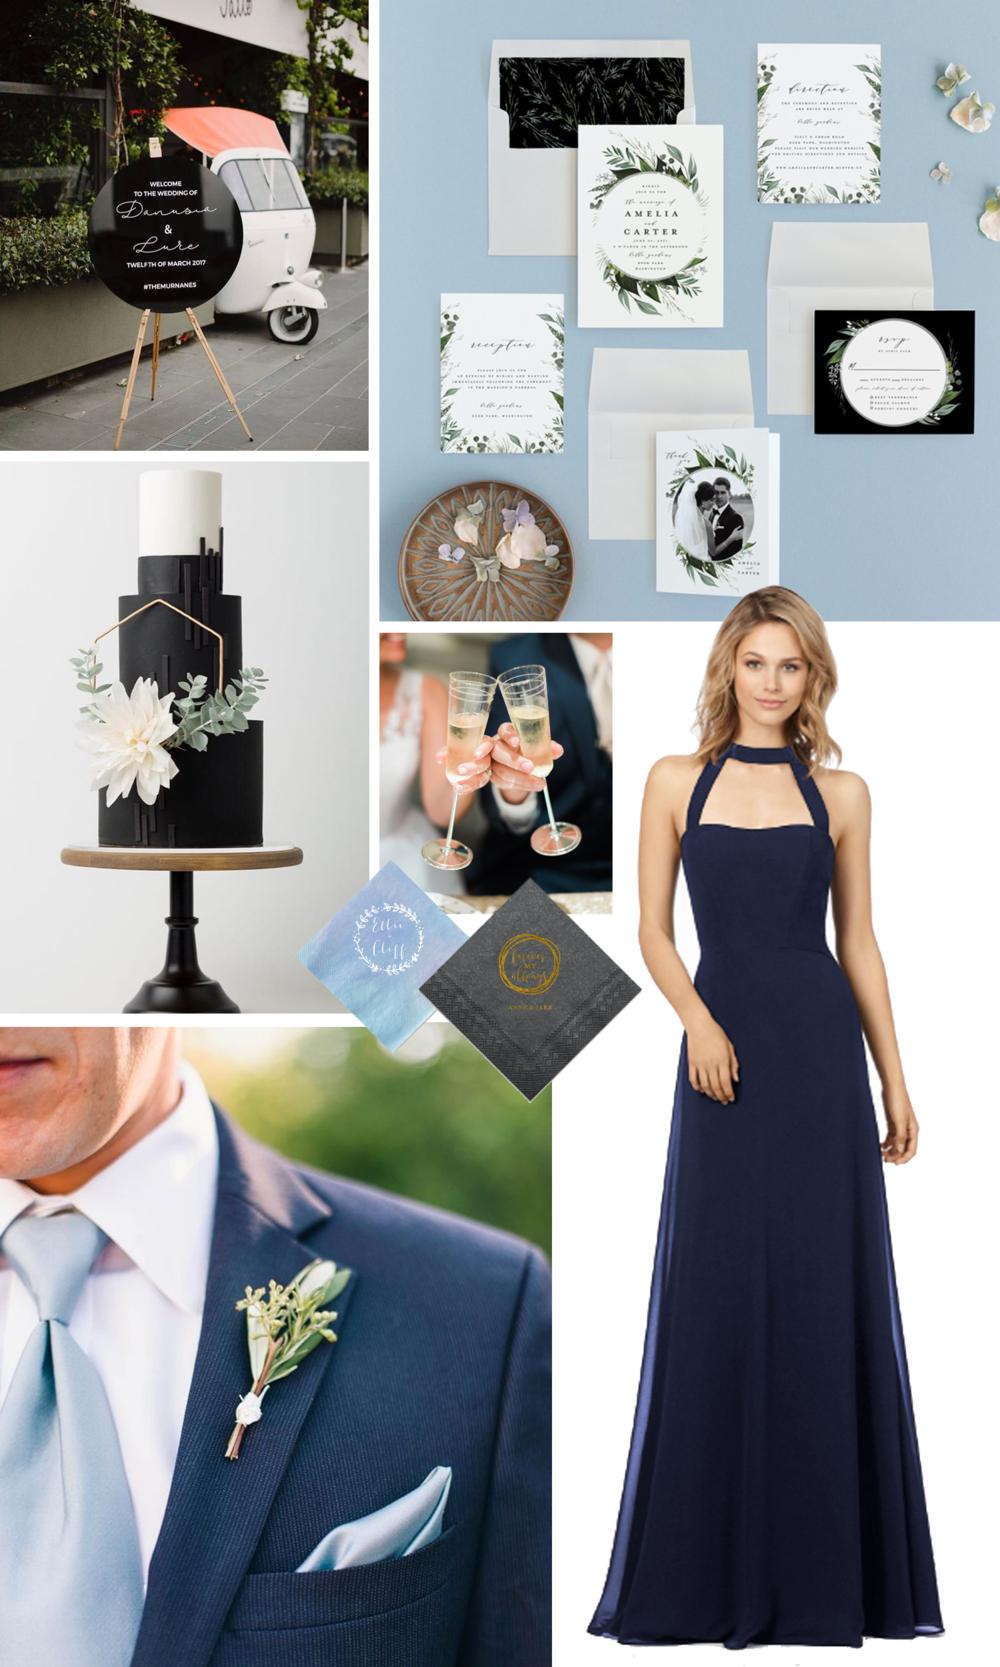 10-downing-savannah-wedding-savannah-wedding-florist-savannah-event-designer-savannah-wedding-planner-savannah-bridal-shop-ivory-and-beau-10-downing-churchills-wedding.png